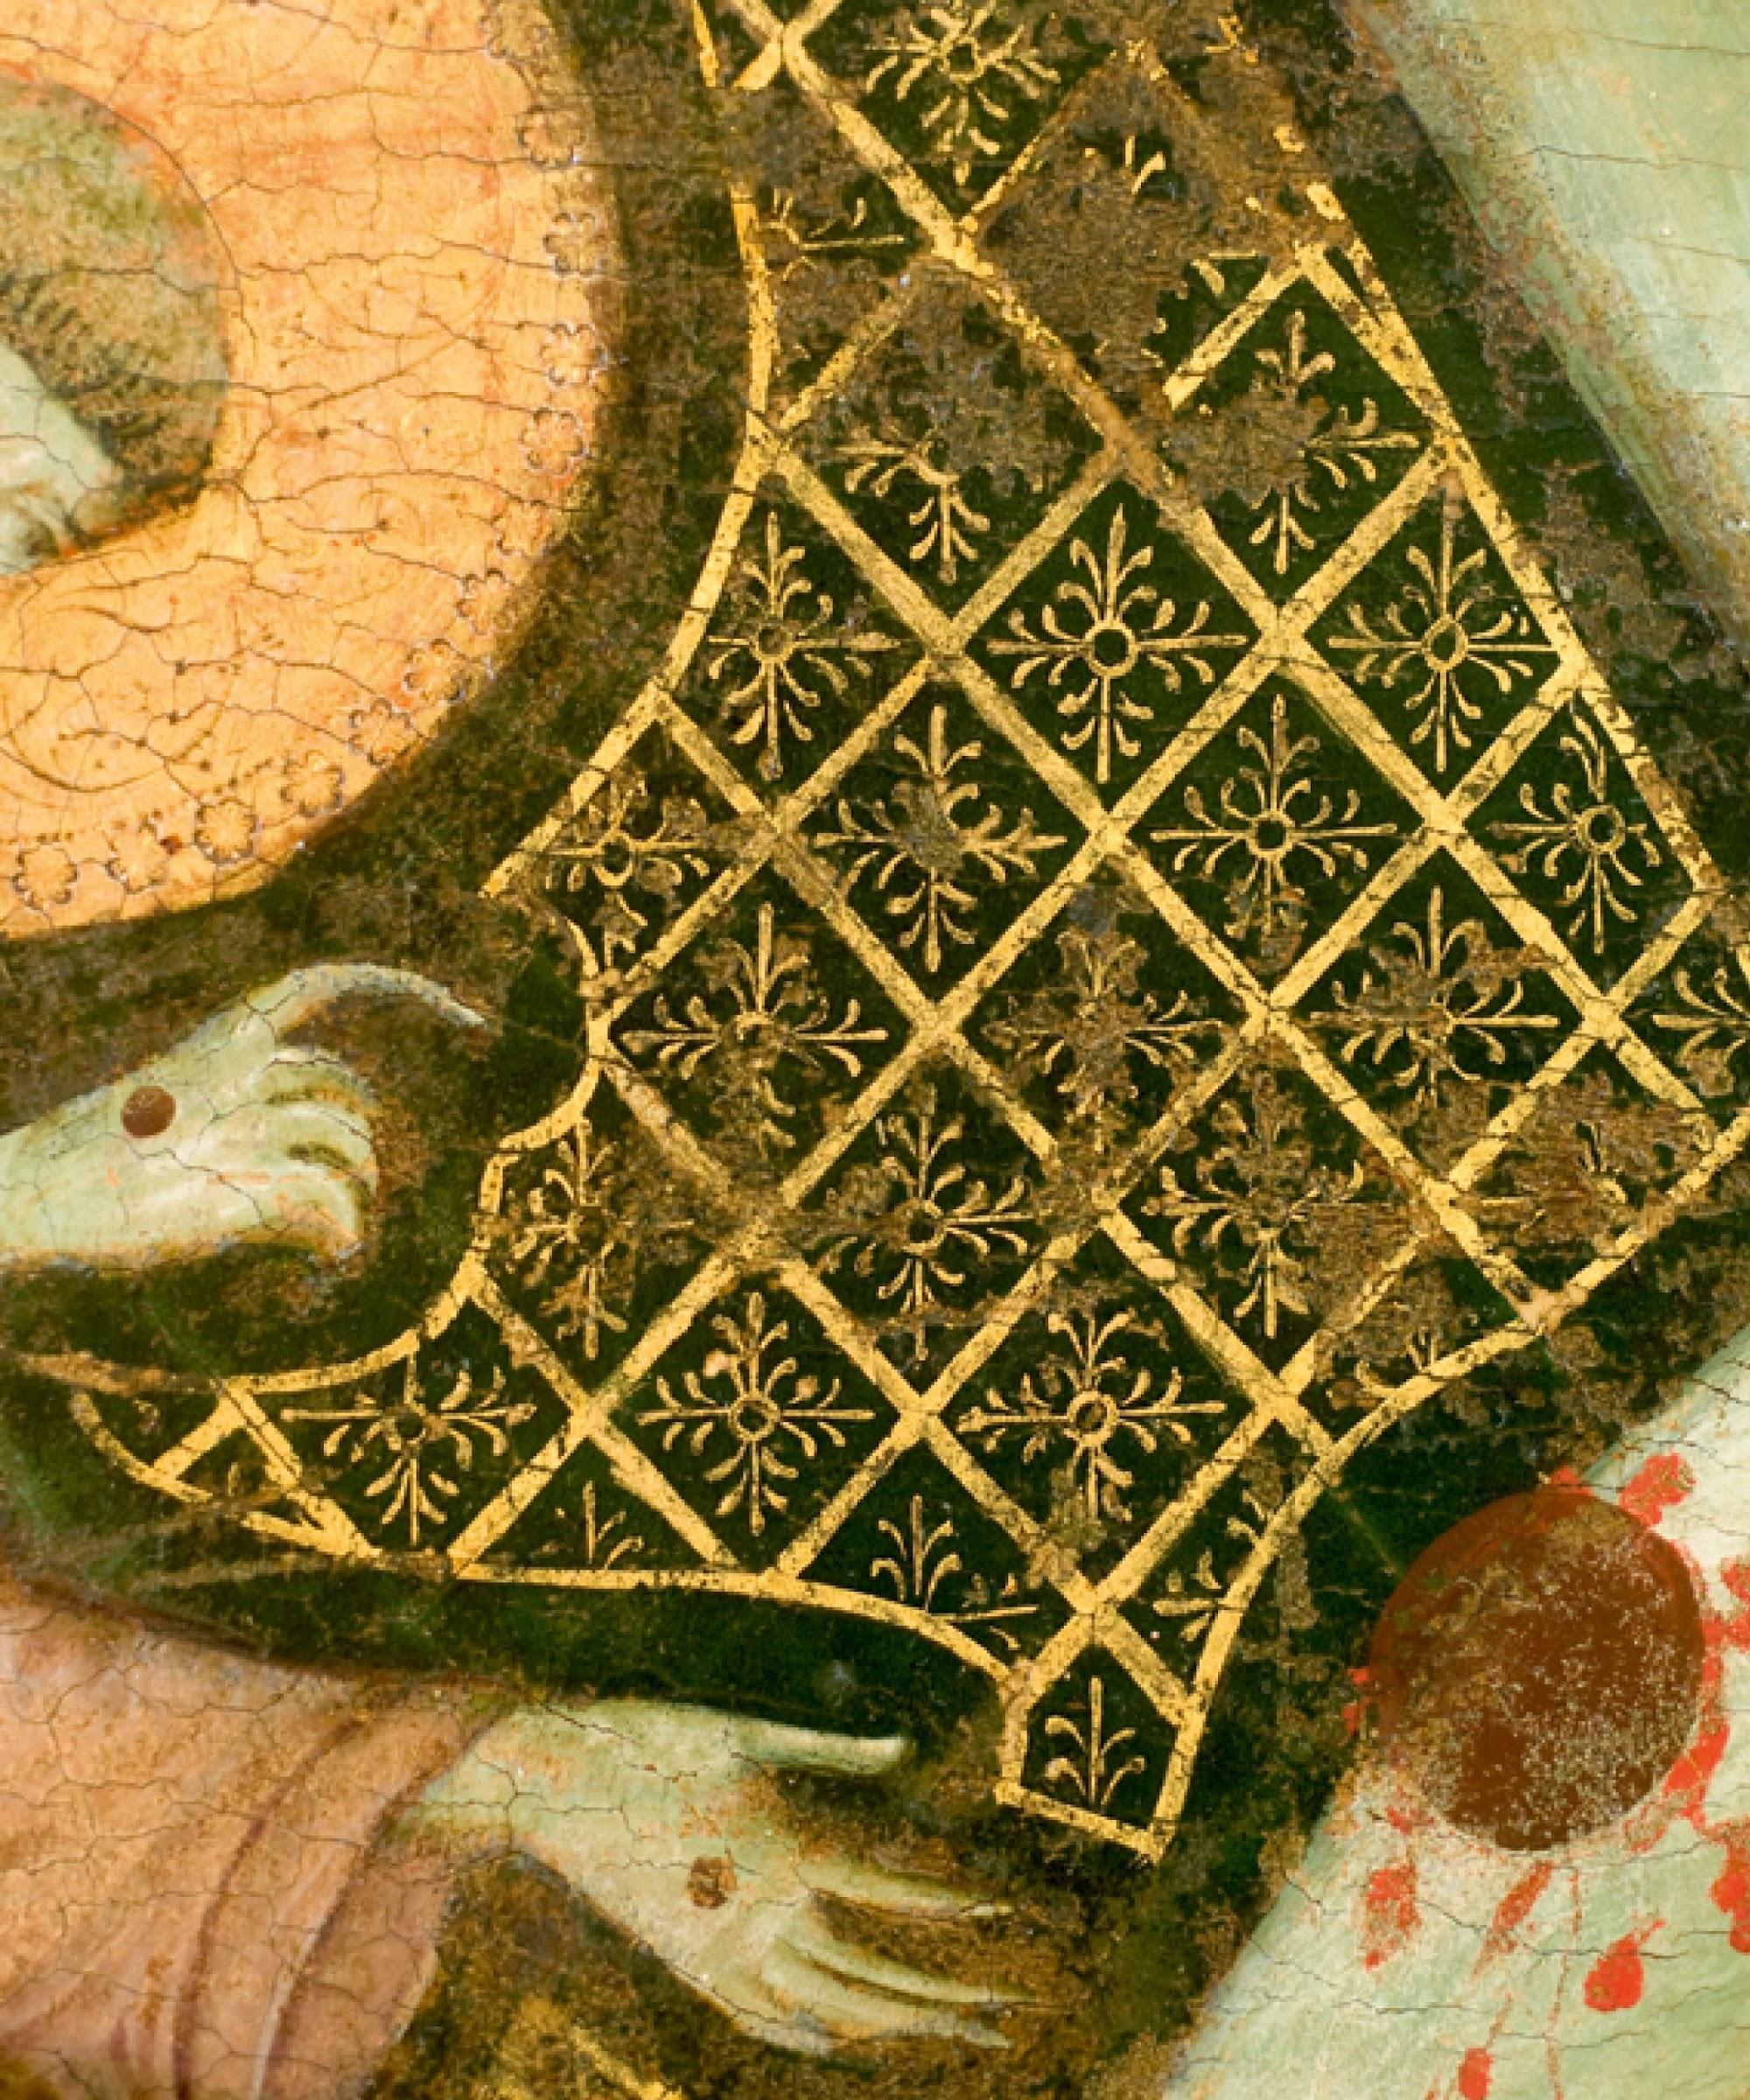 Maestro di San Francesco, 1272, particolare, Galleria nazionale dell'Umbria, Perugia